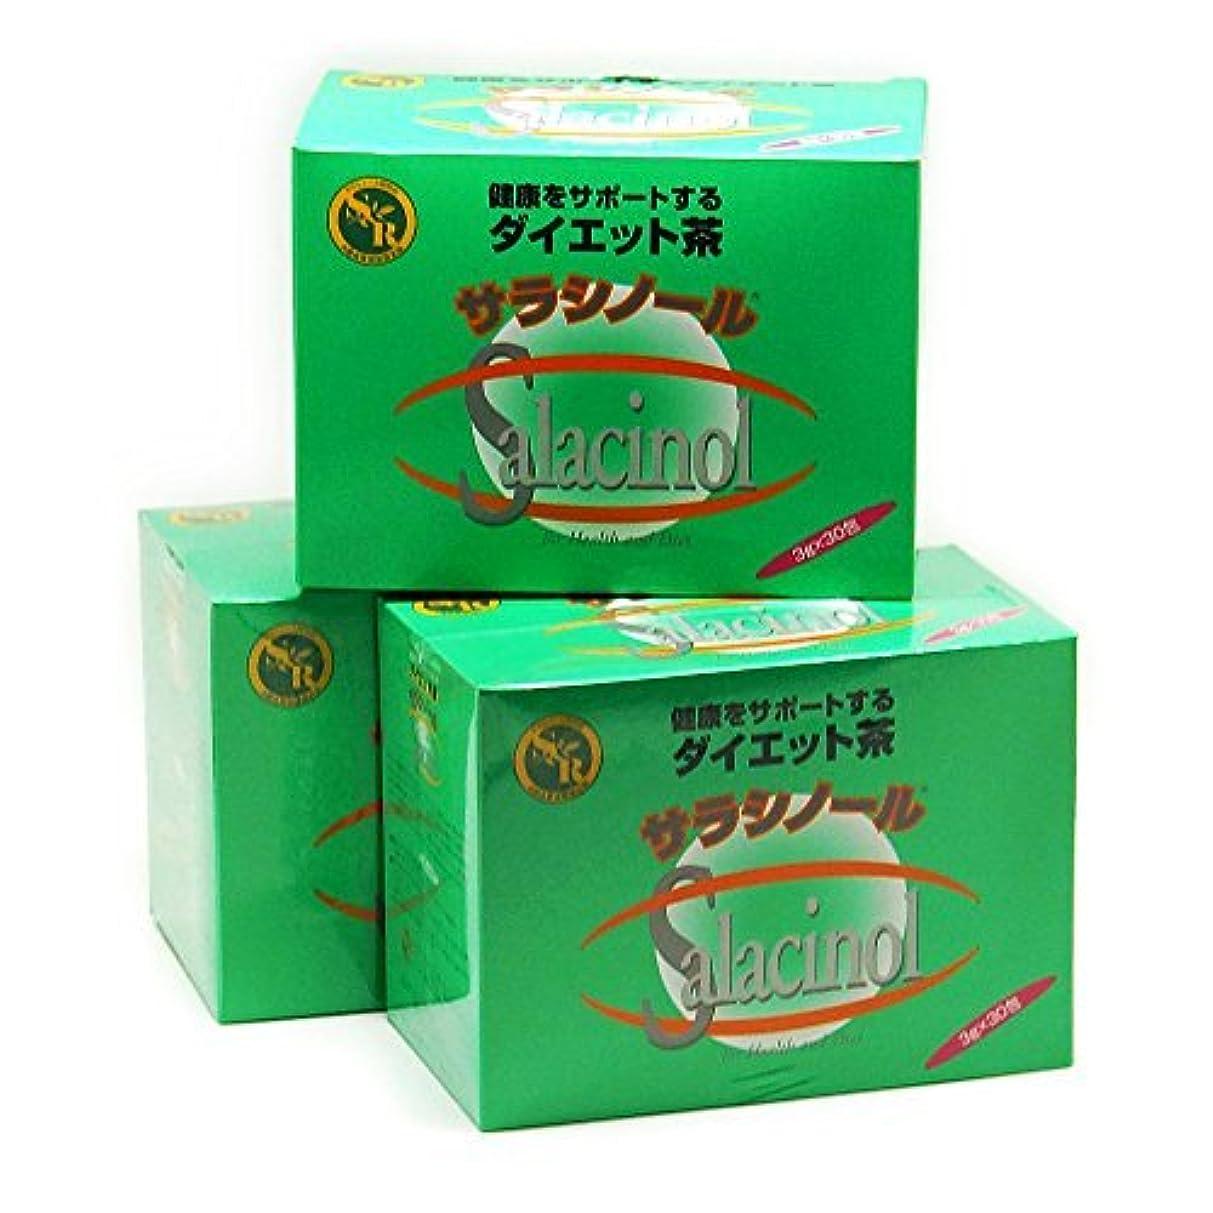 多様な起こる生理サラシノール茶3g×30包(ティーバック)3箱